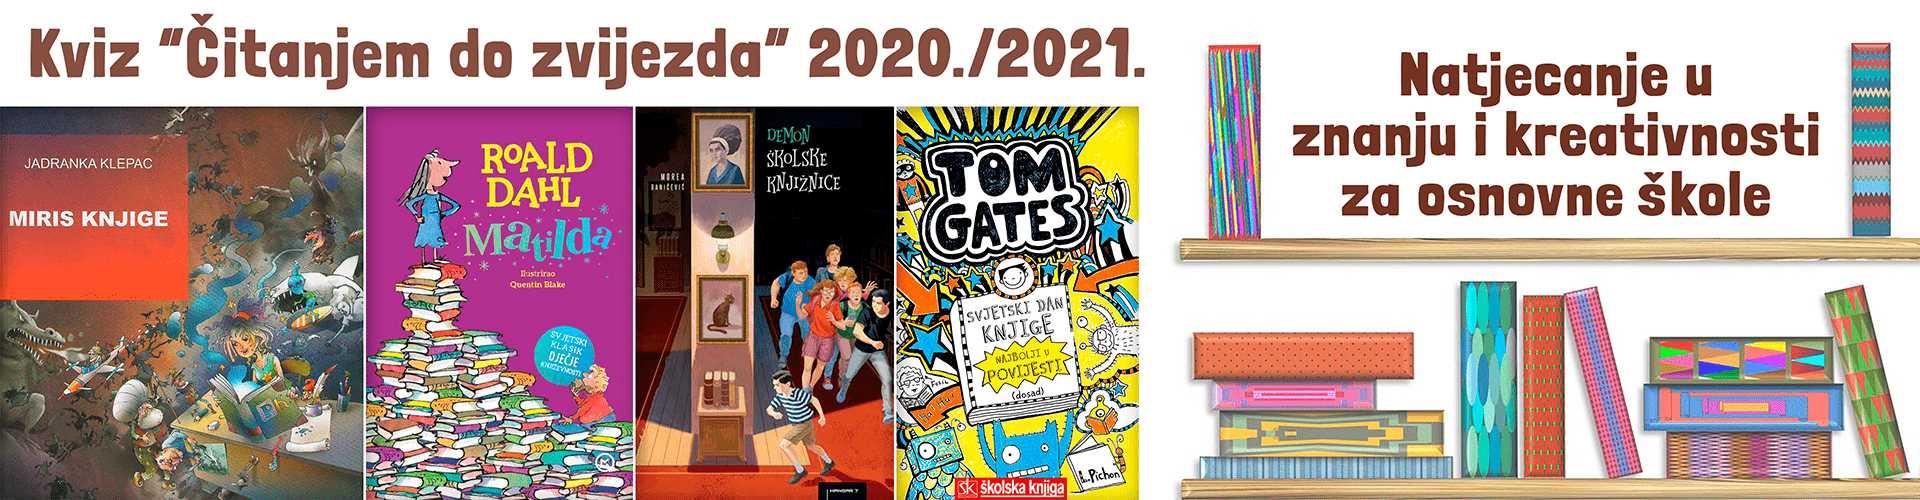 Čitanjem do zvijezda 2020 2021